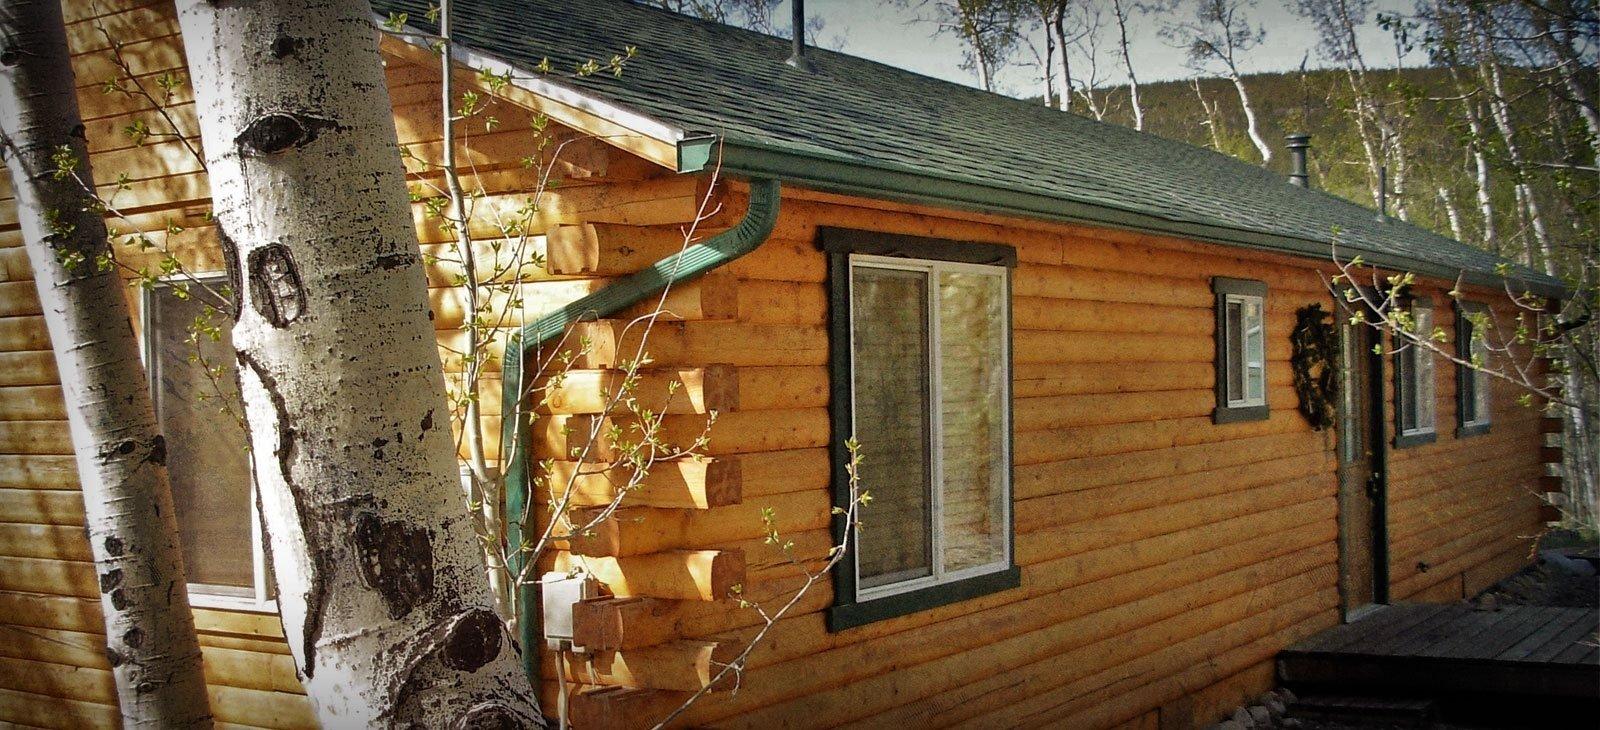 Homes exterior in Colorado